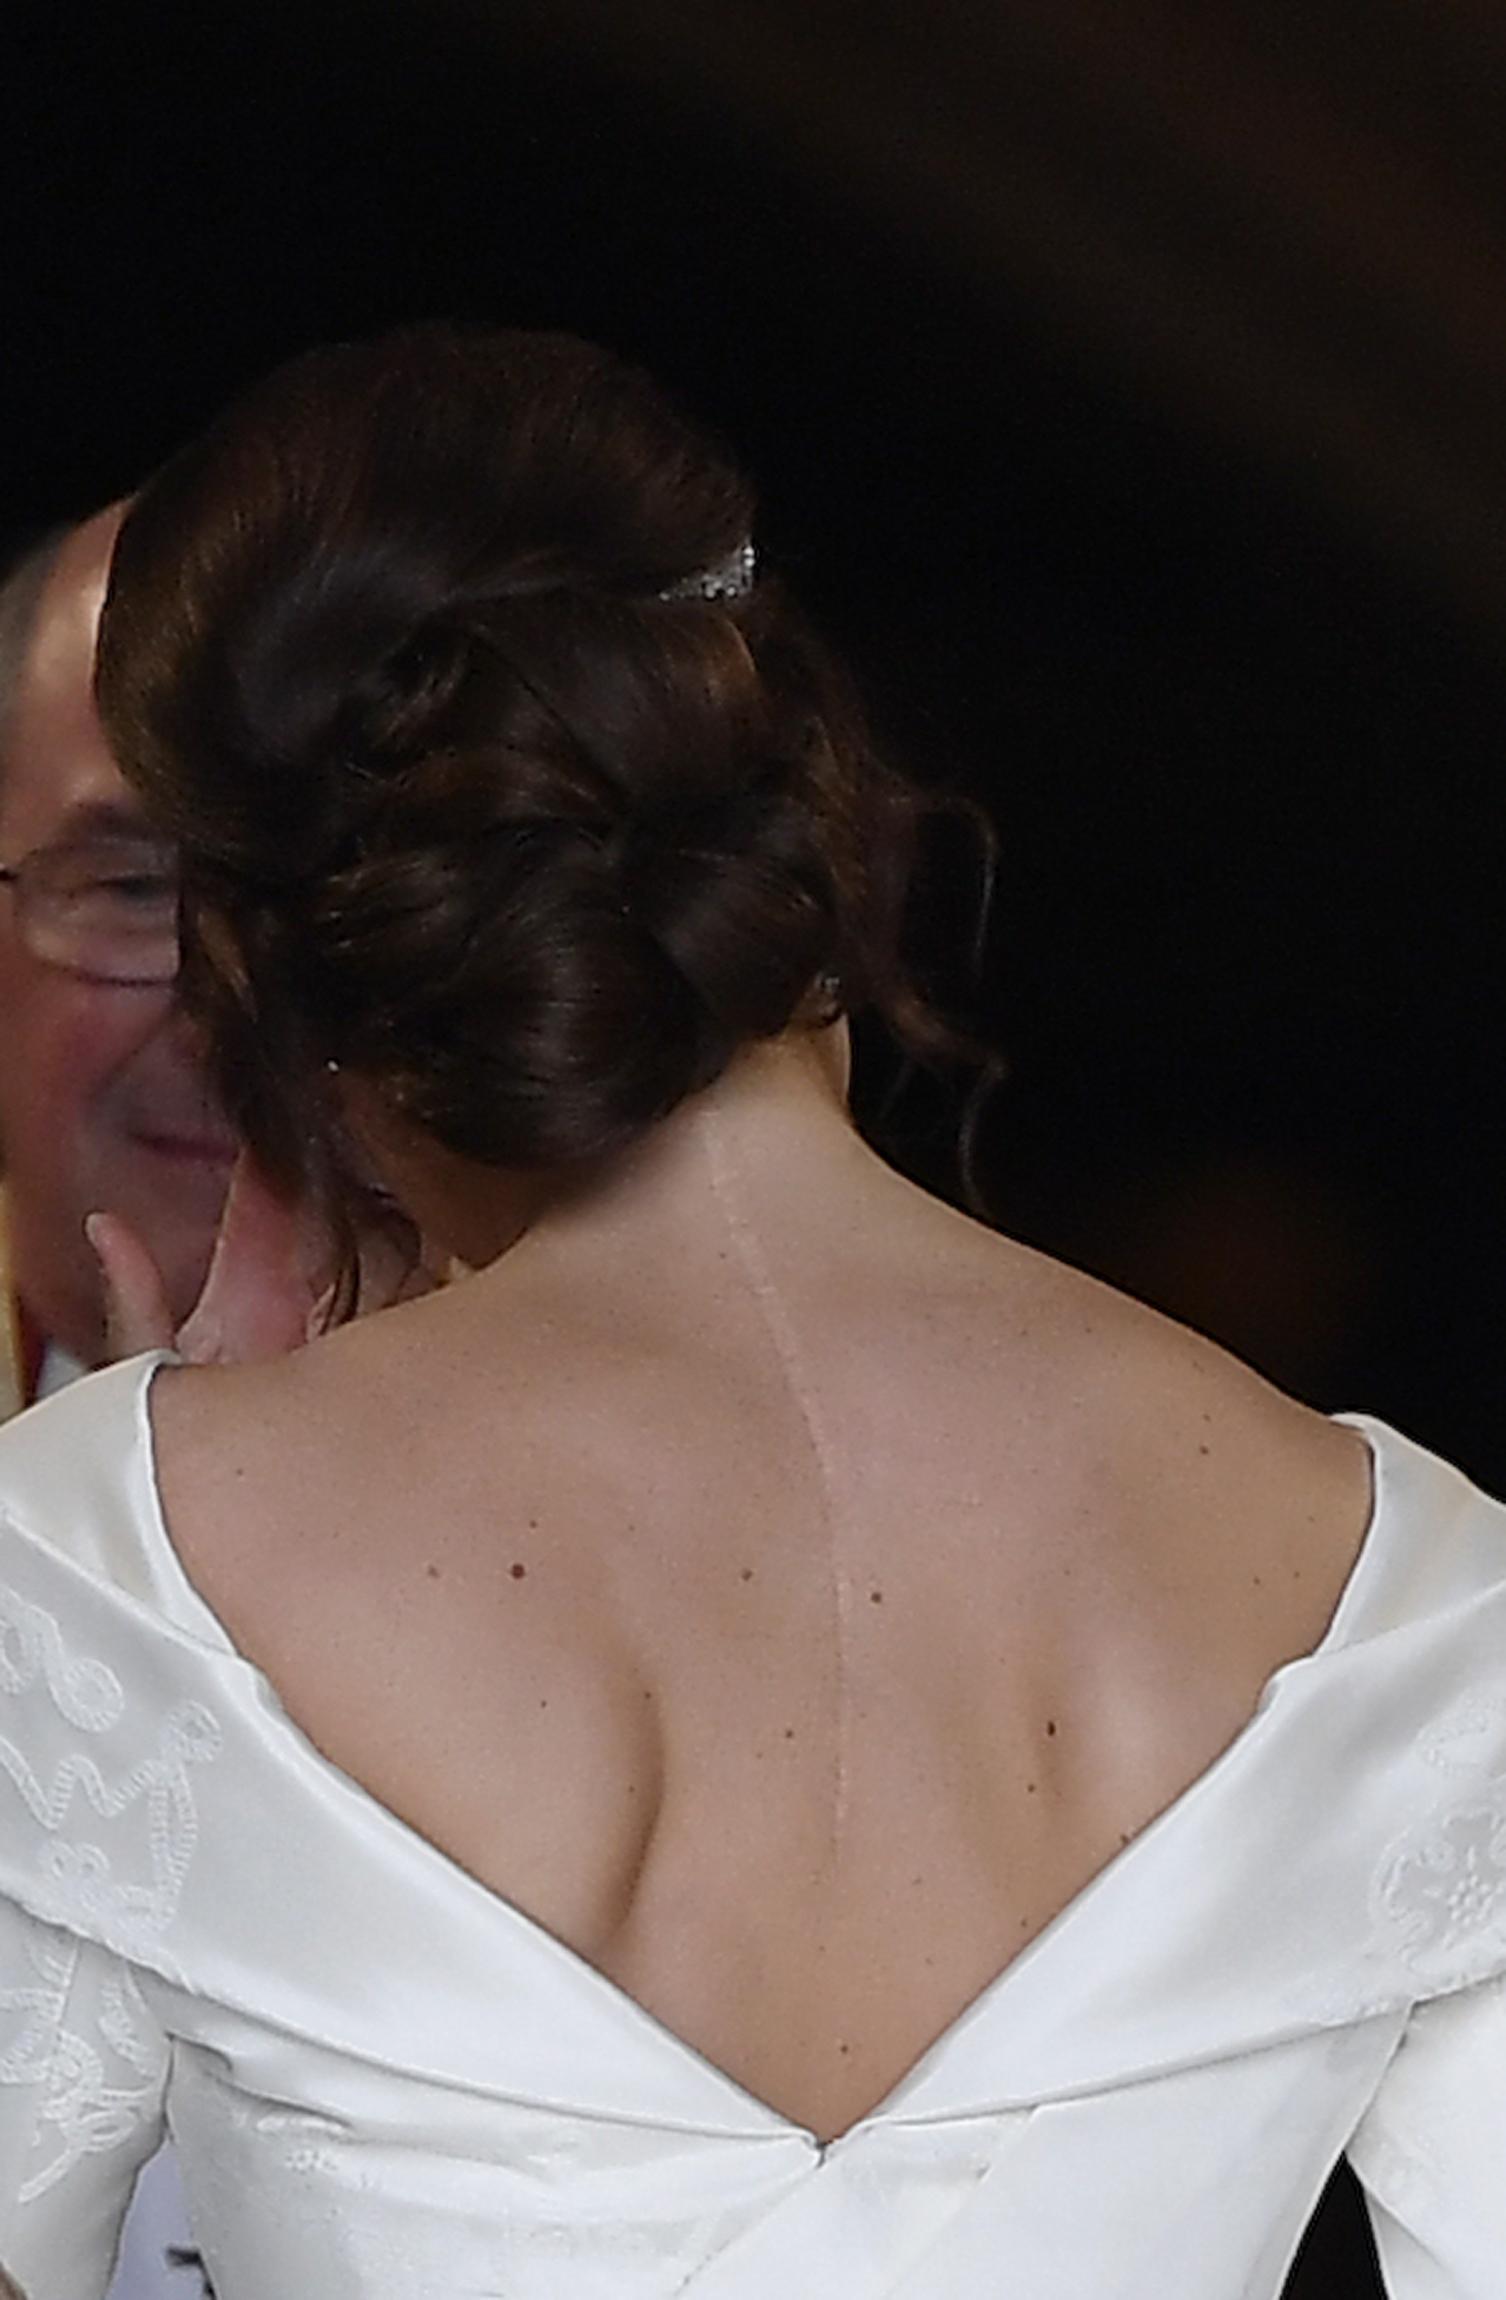 웨딩드레스를 입은 유지니 빅토리아 헬레나 공주의 뒷모습. 등의 흉터가 선명하게 보인다. [AP=연합뉴스]